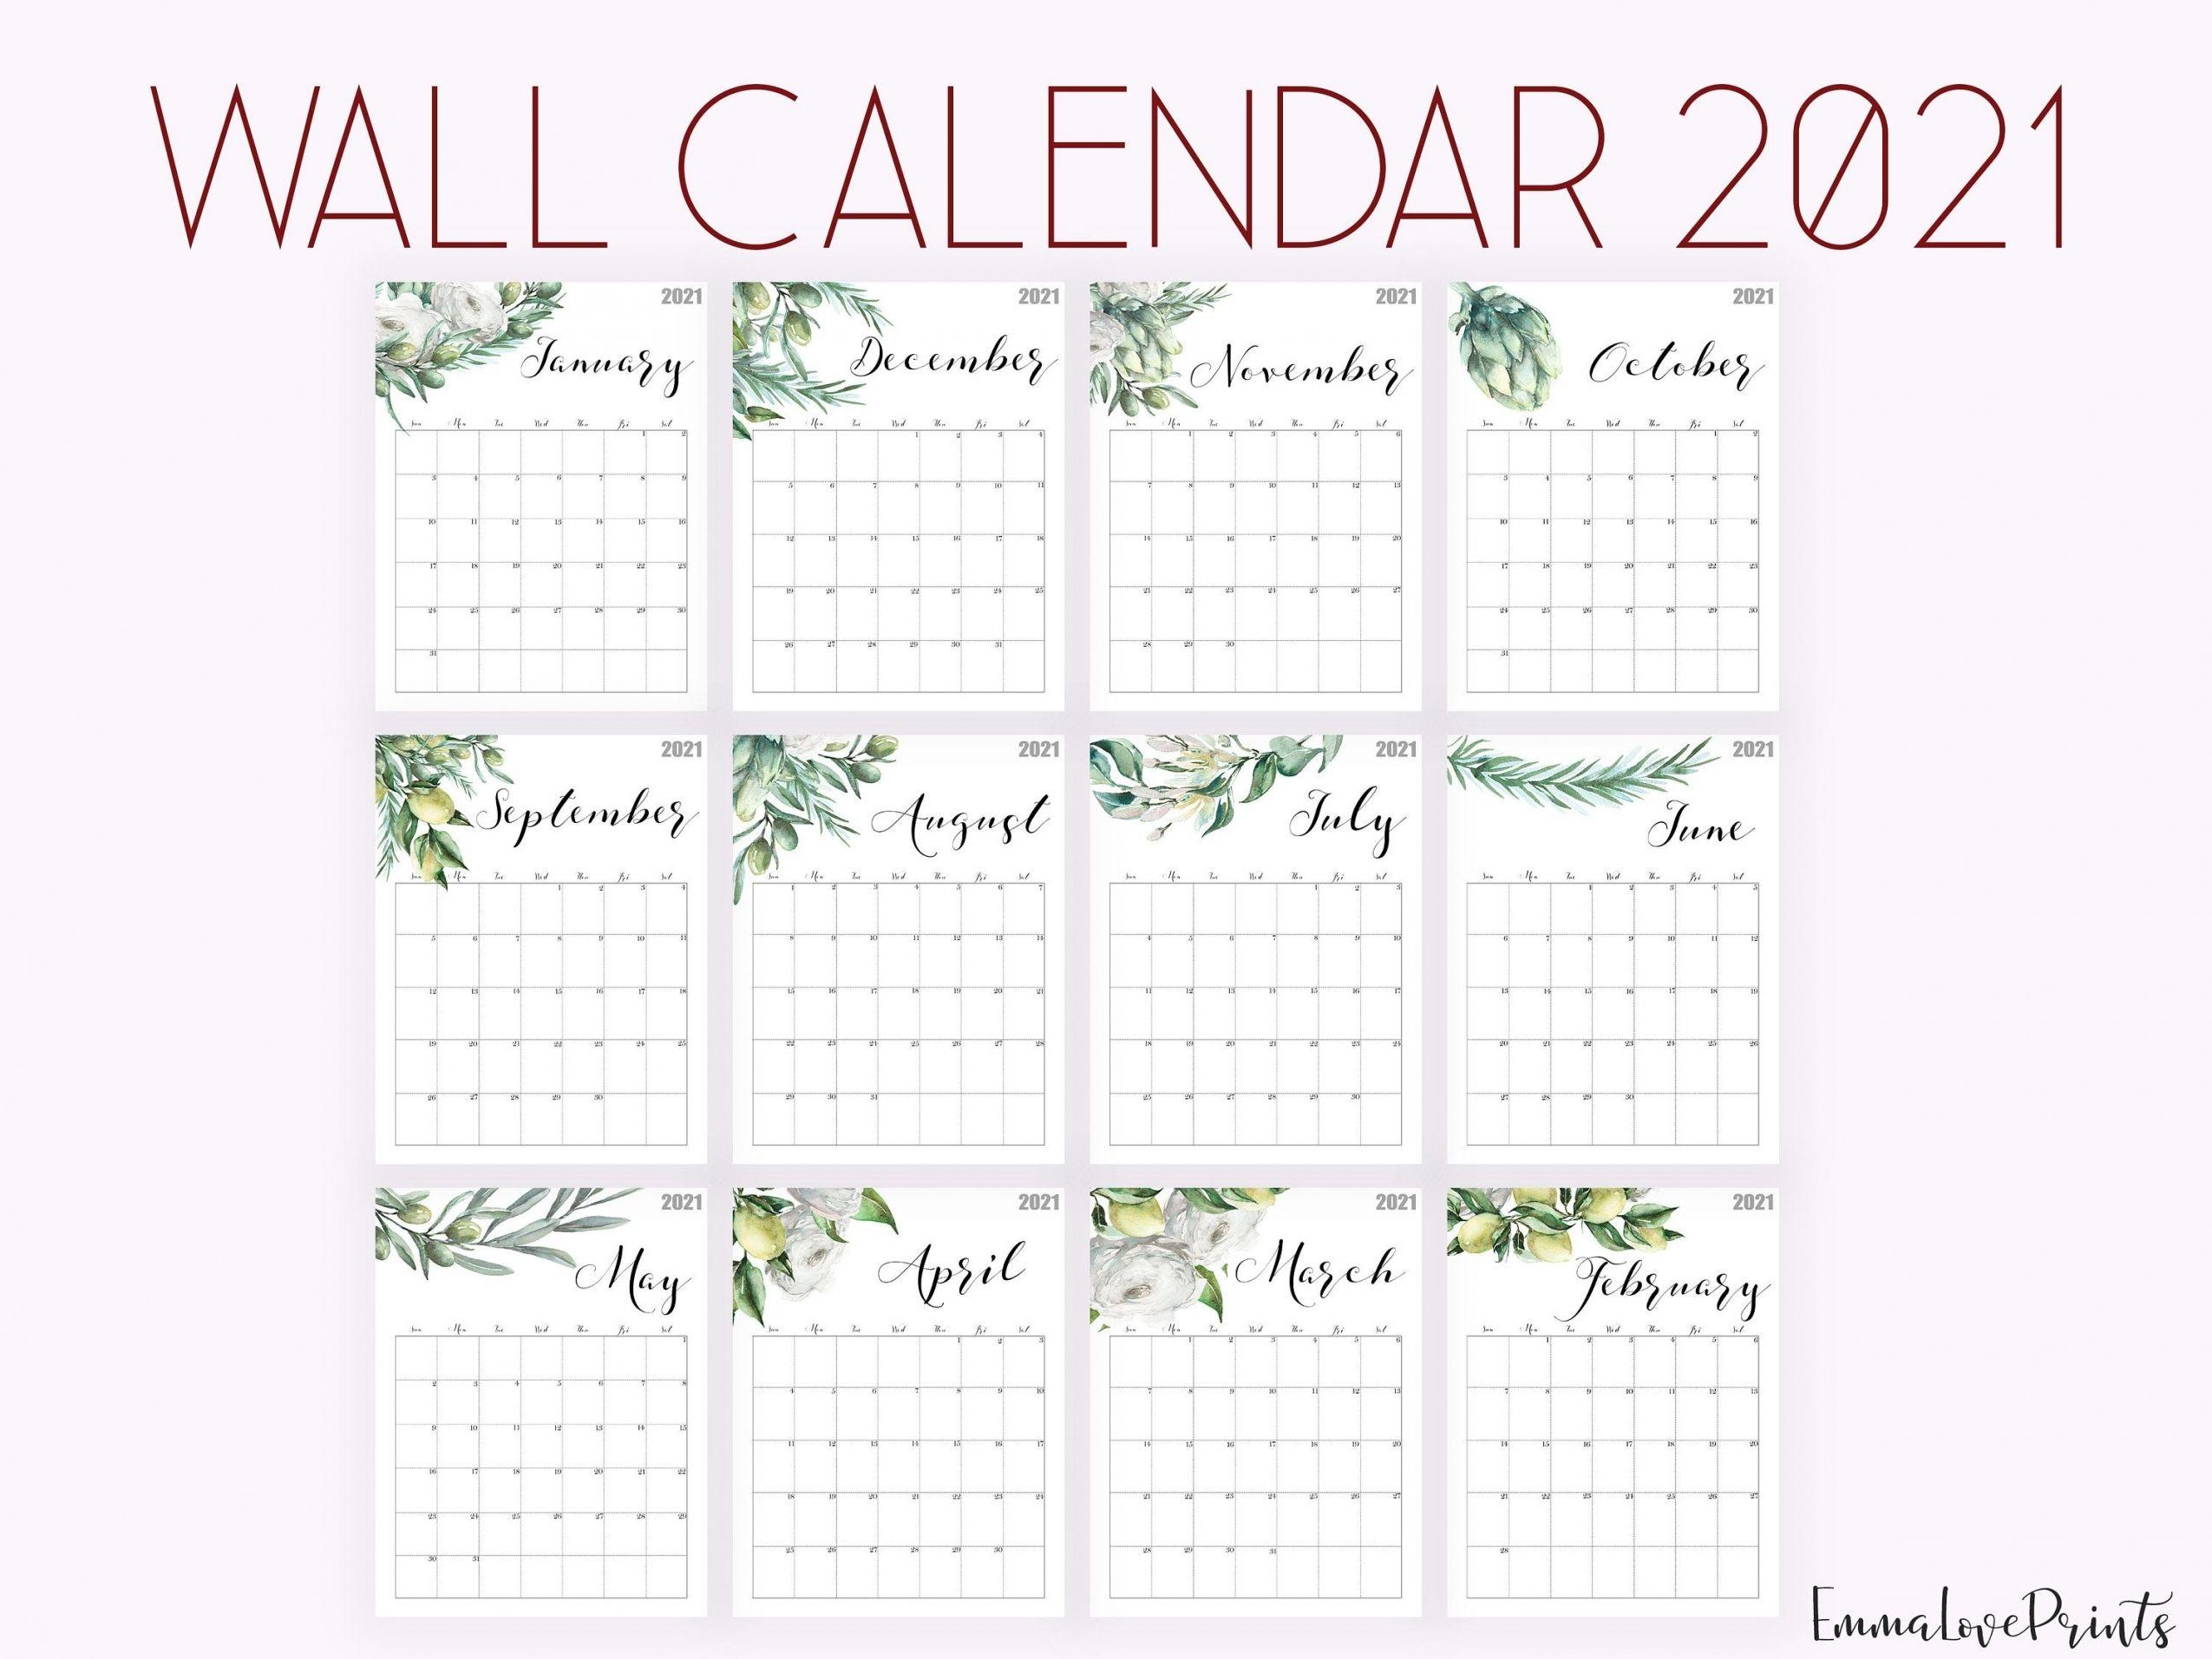 Weight Loss Calendar 2021 Pin on Calendar 2020